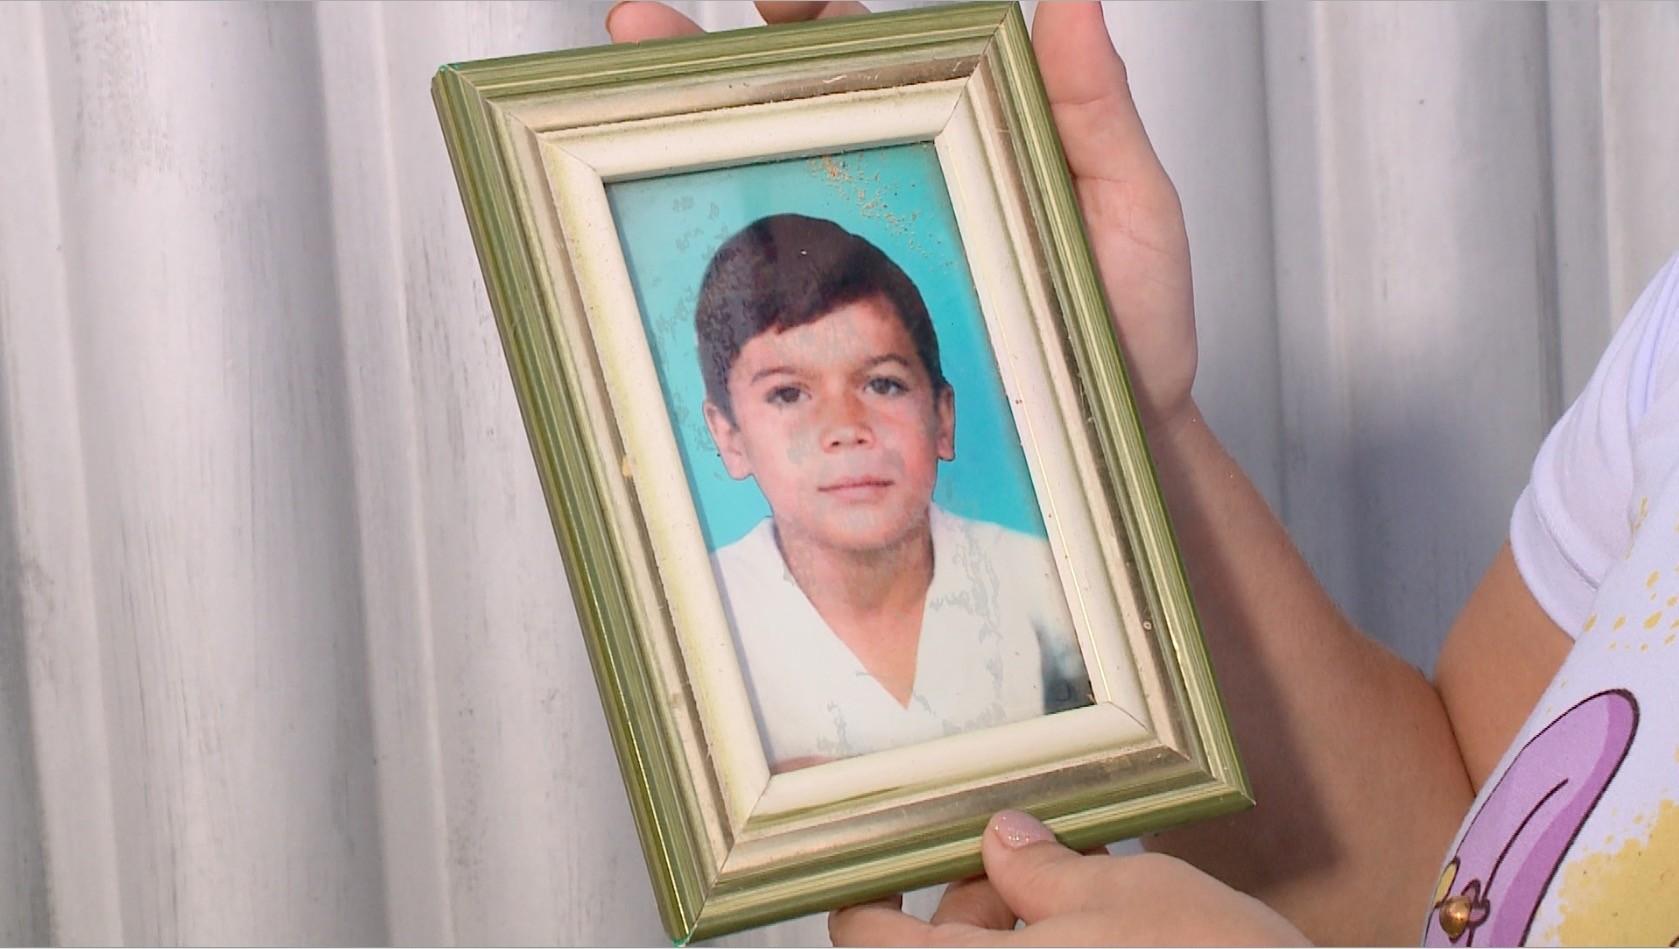 Acusado de golpes assumiu por 17 anos identidade de criança morta para fugir da polícia, diz PF